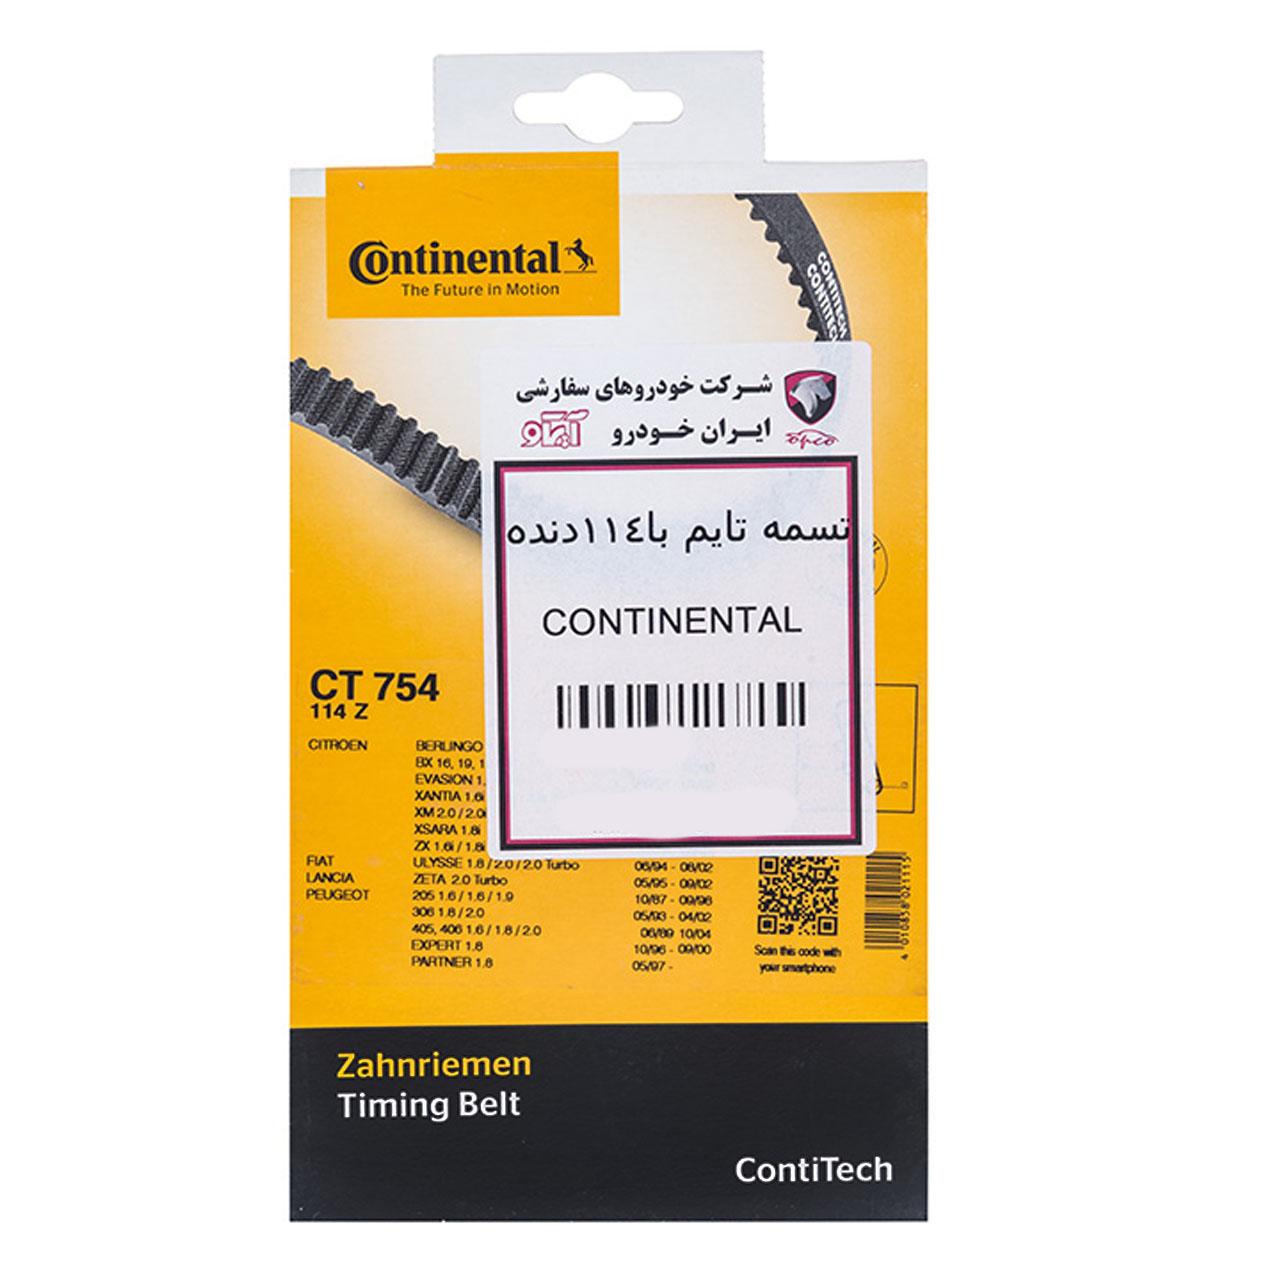 تسمه تایم کنتیننتال مدل CT754 مناسب برای سمند پرشیا و 405